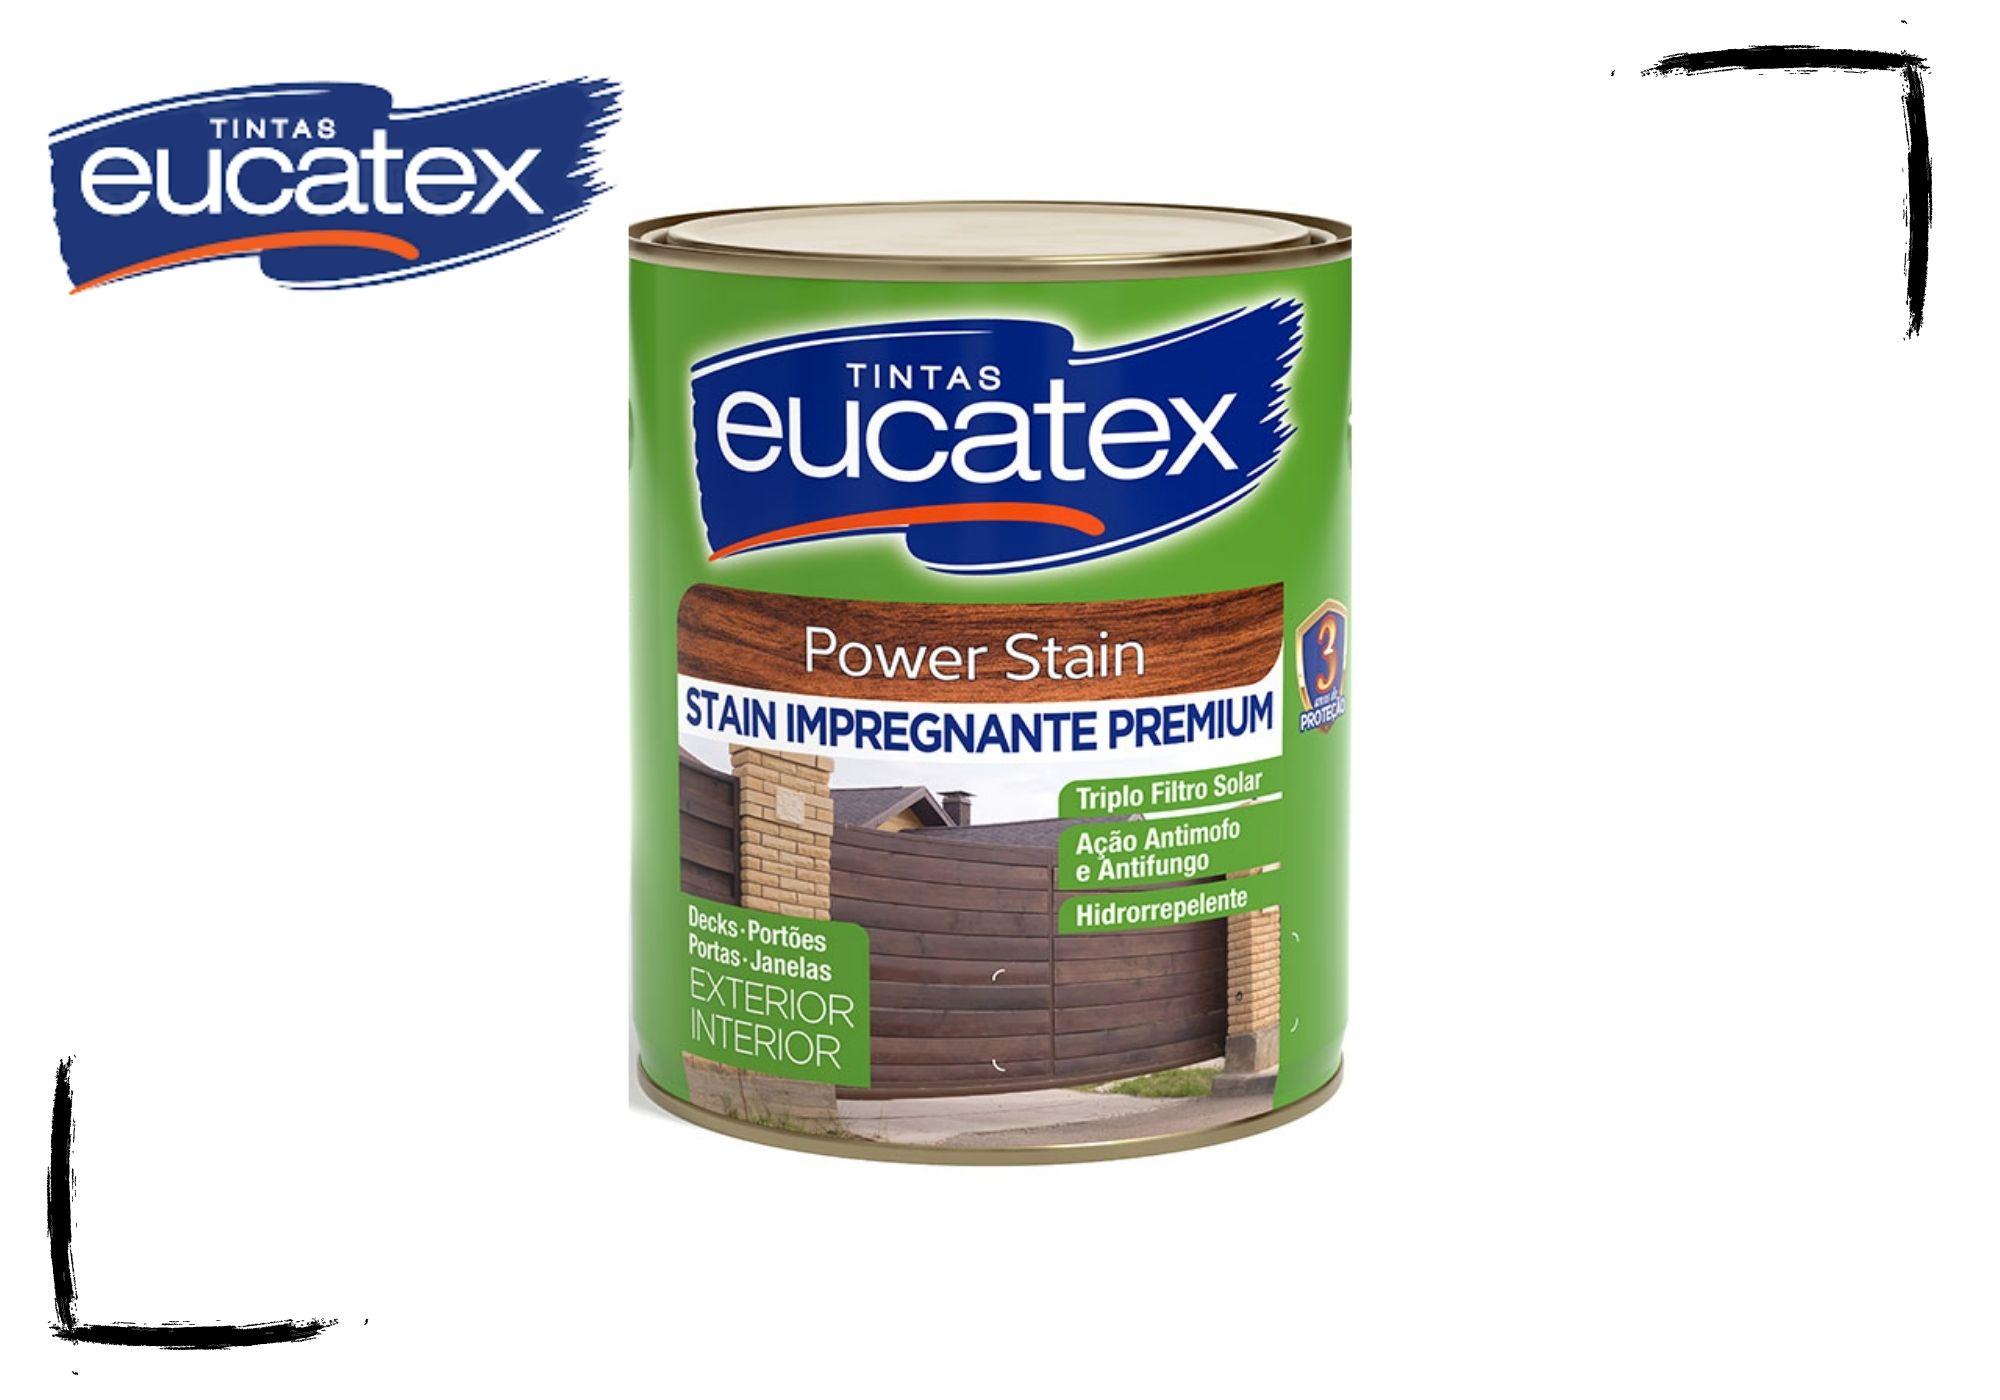 Eucatex Stain Power Impregnante Acetinado Natural e Cores 900ml